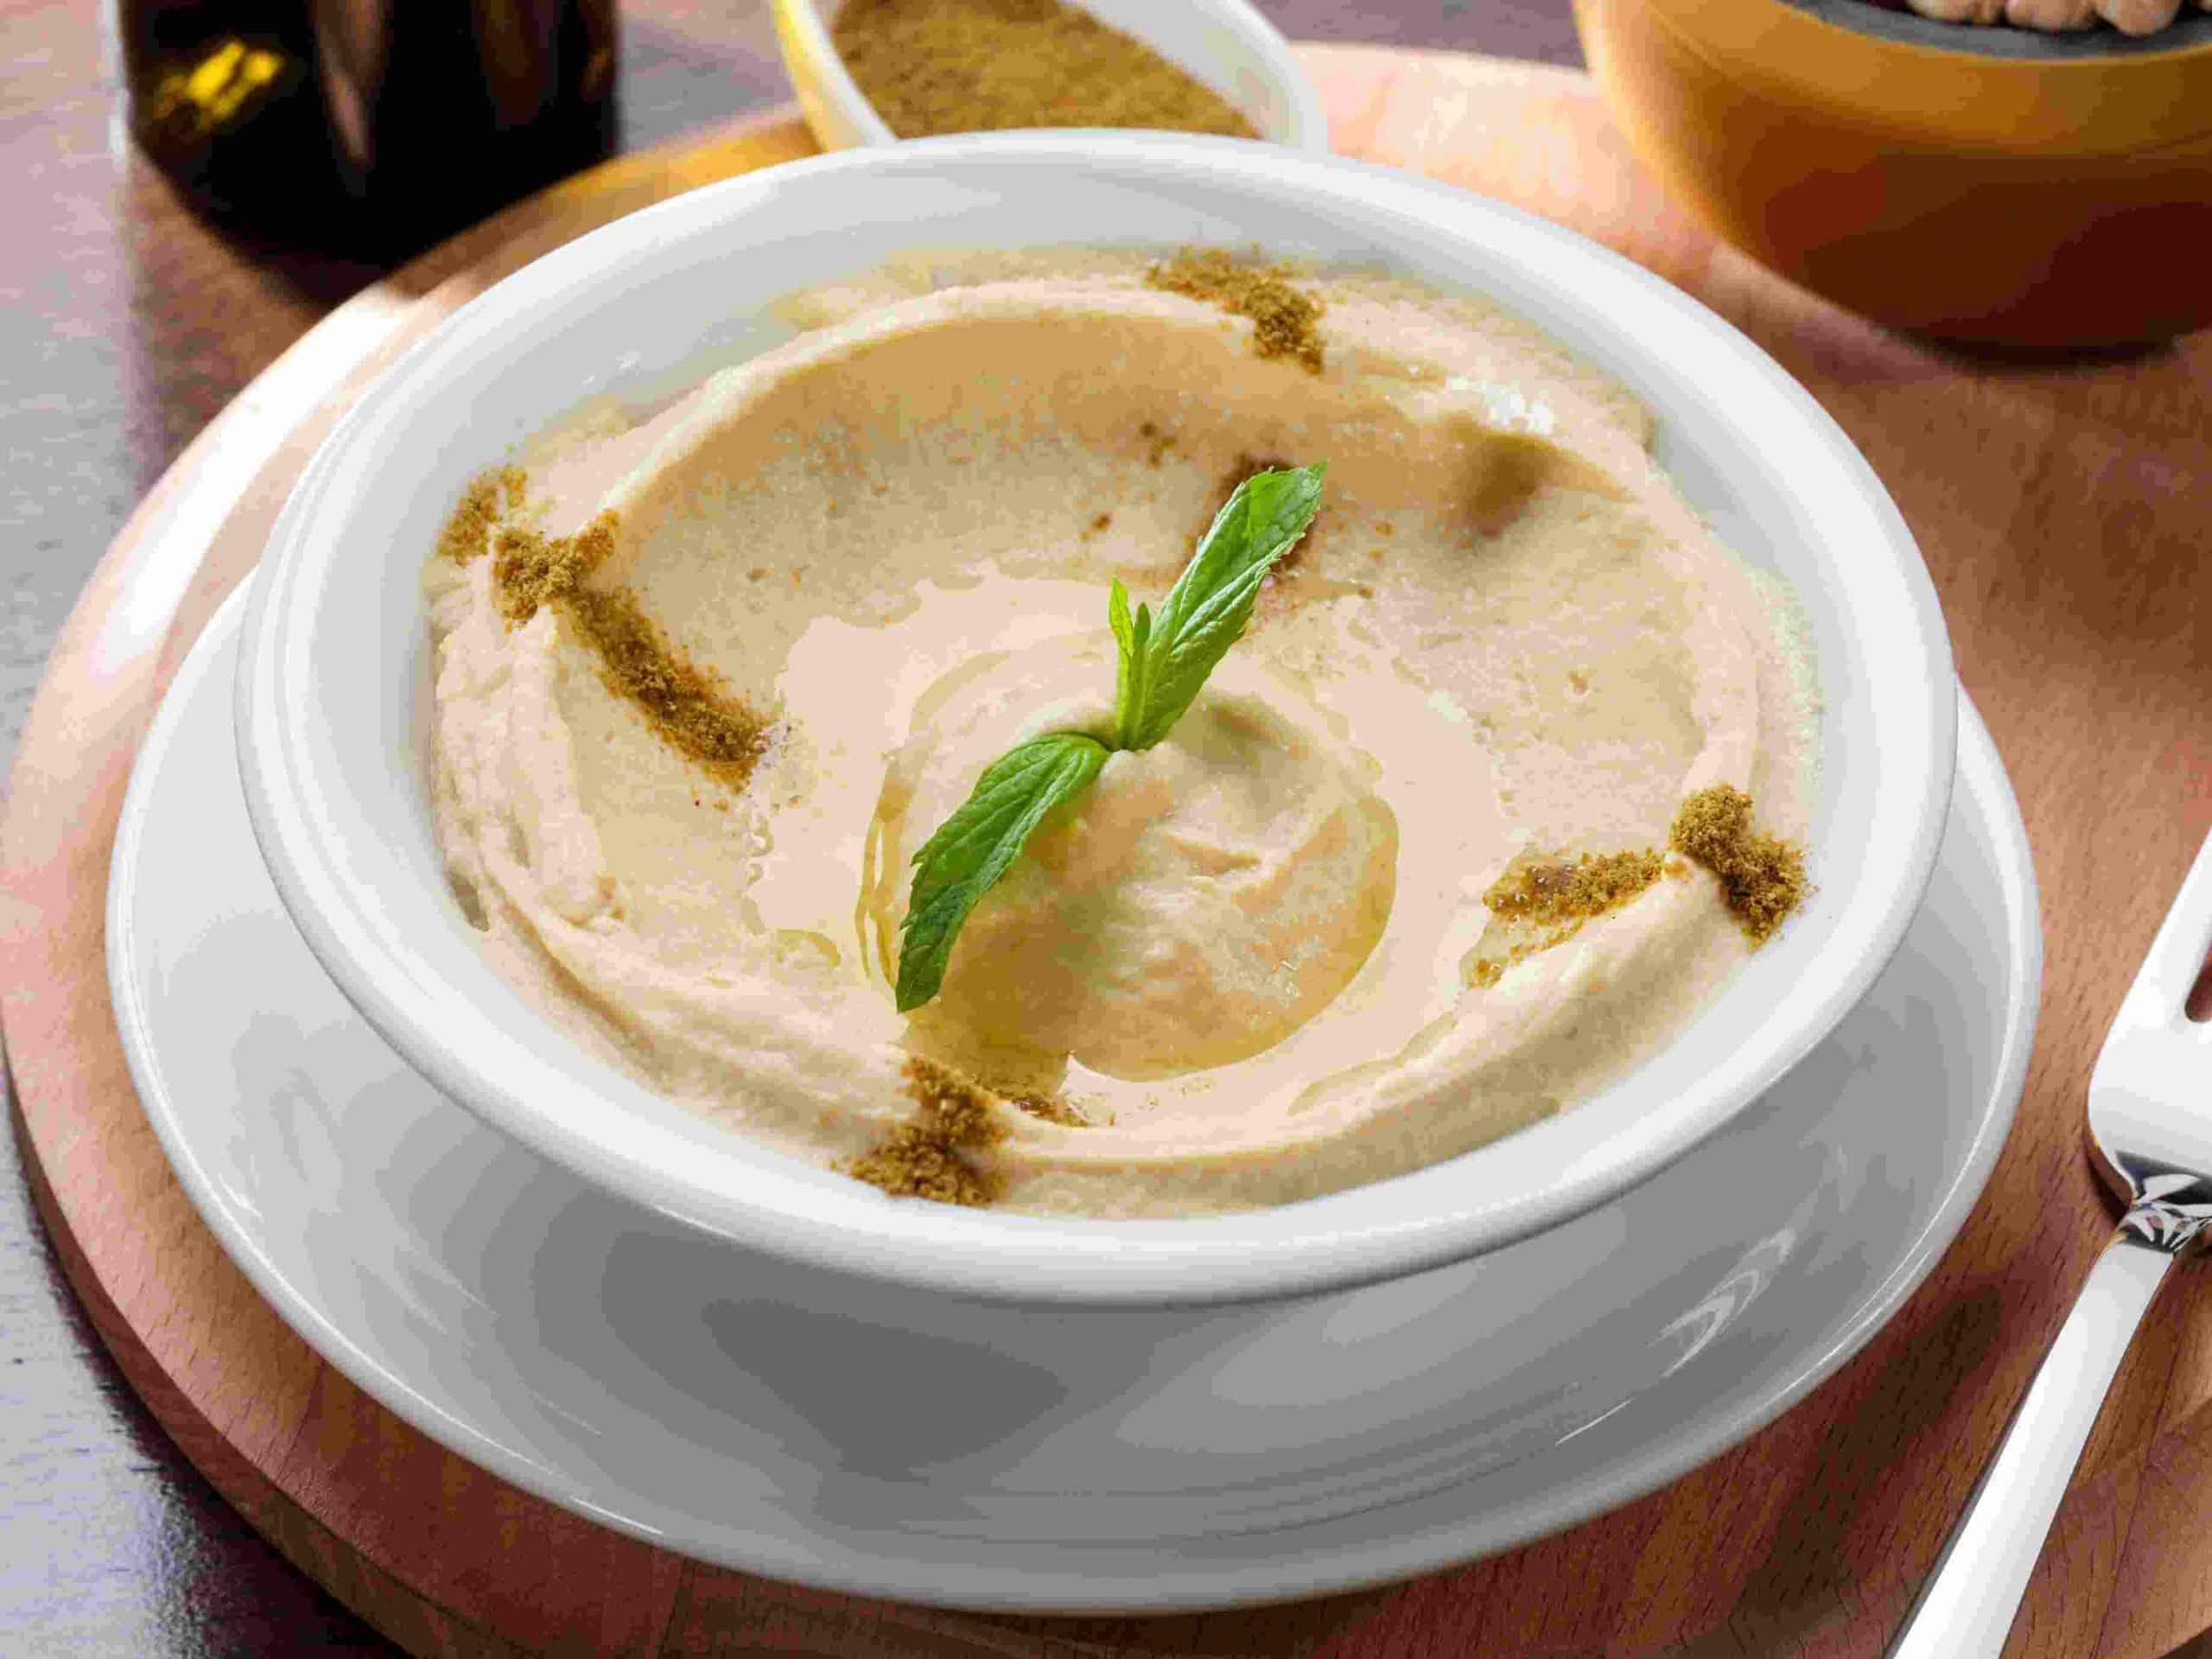 Ταχίνι, ρεβίθια, λεμόνι και ελαιόλαδο απαιτούνται για την παρασκευή του χούμους.